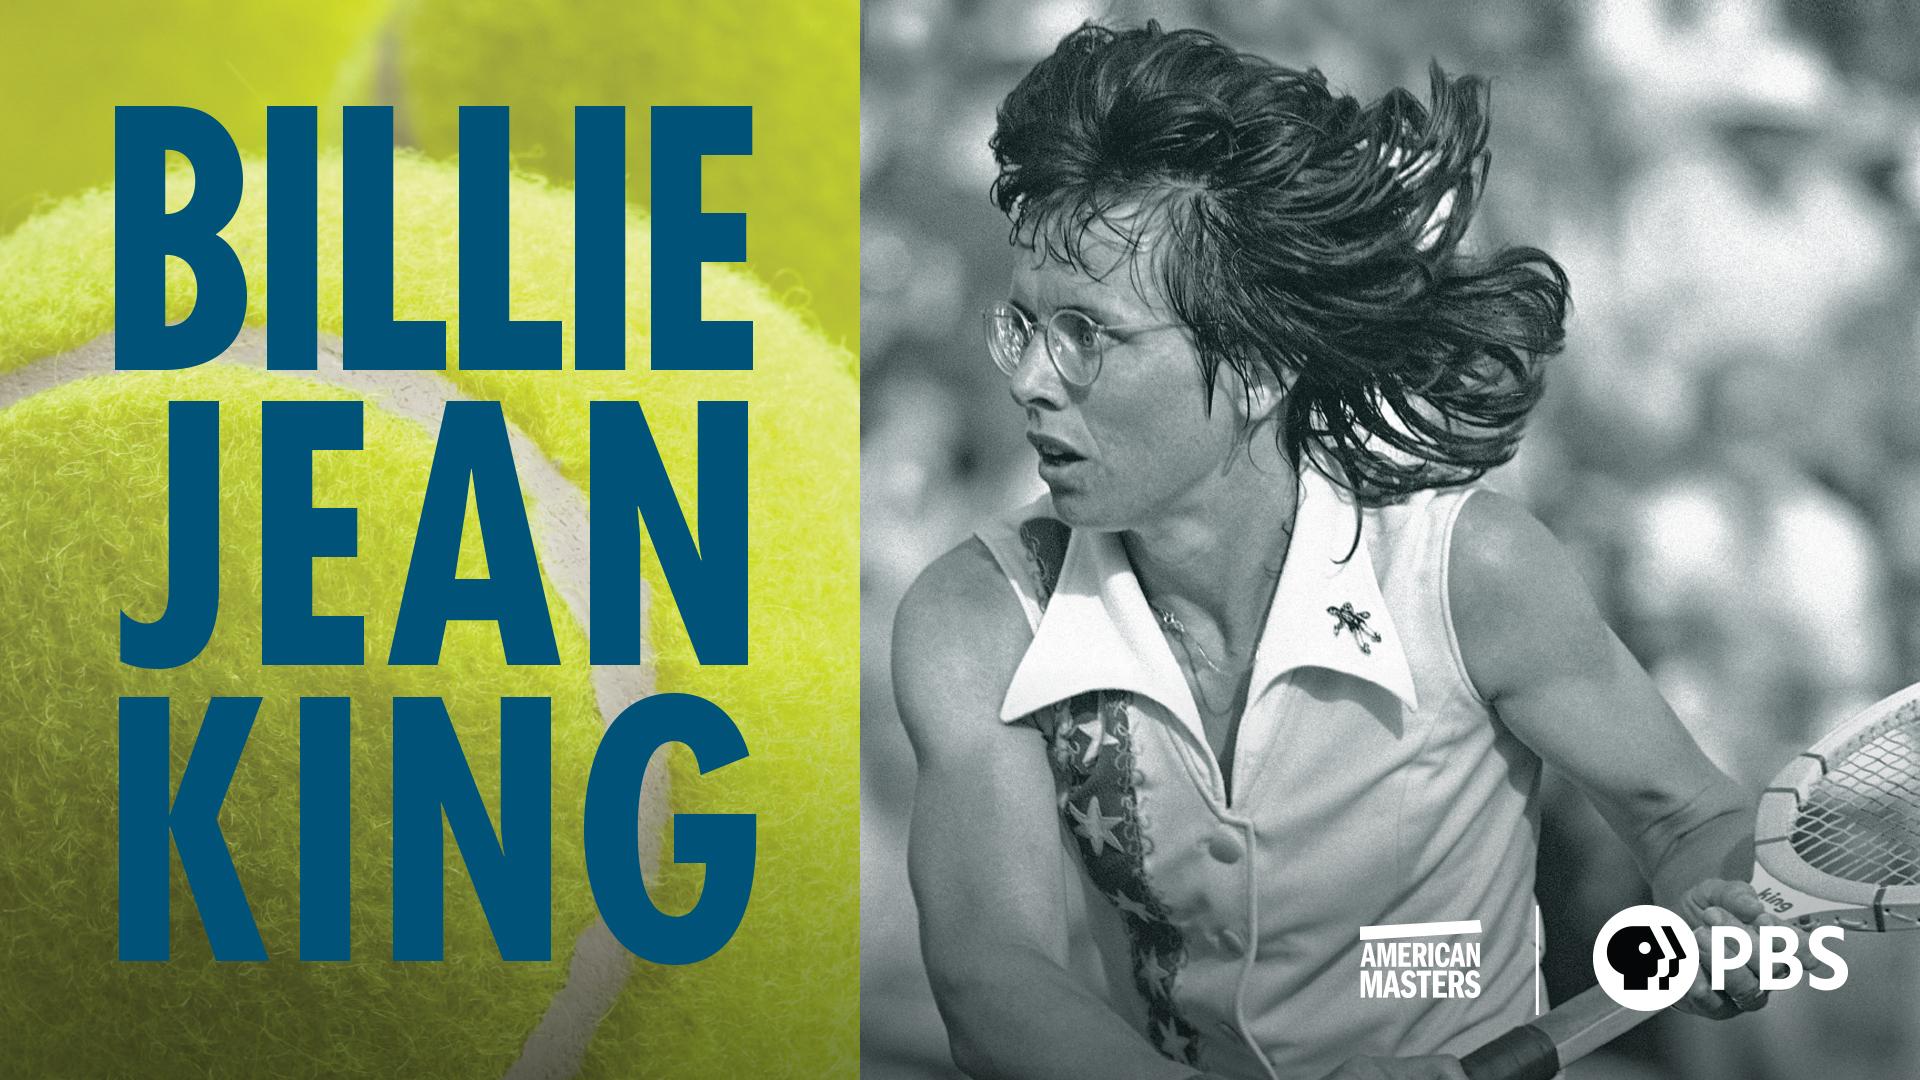 American Masters: Billie Jean King